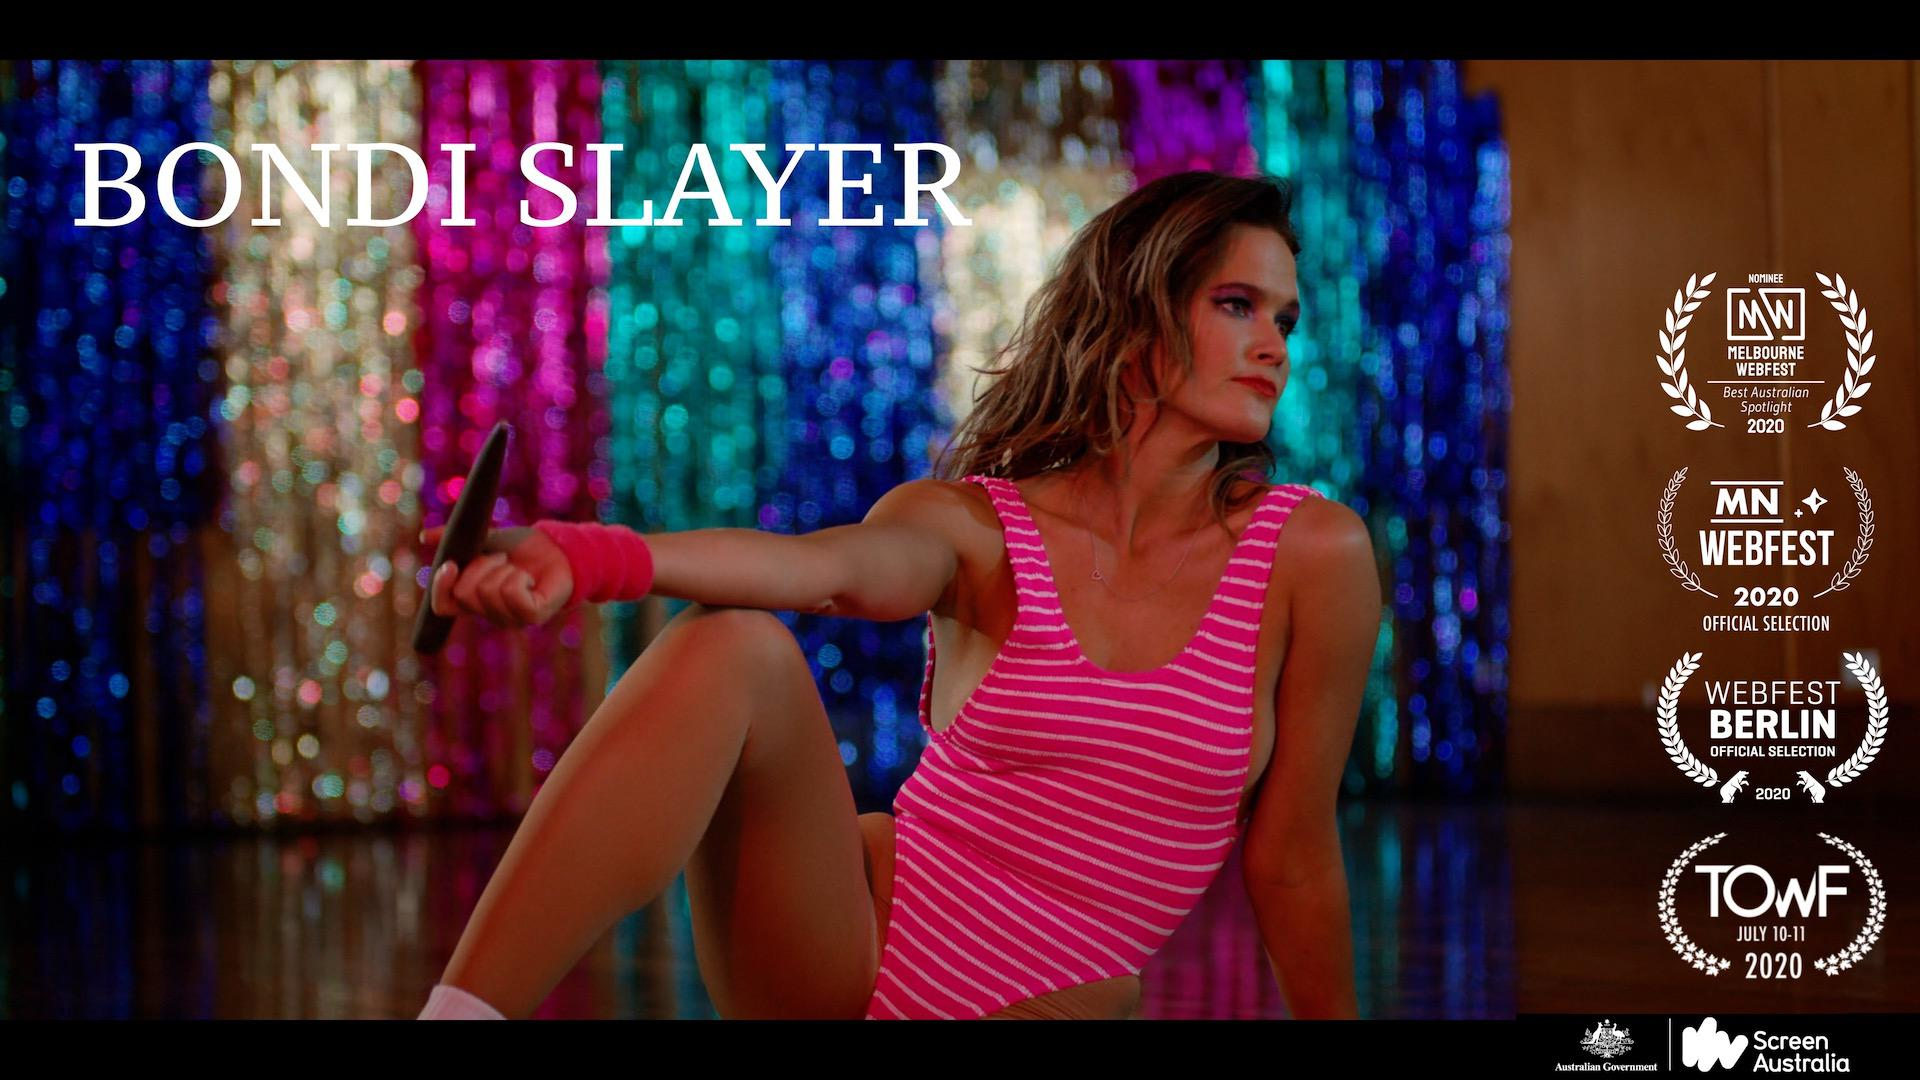 Bondi Slayer